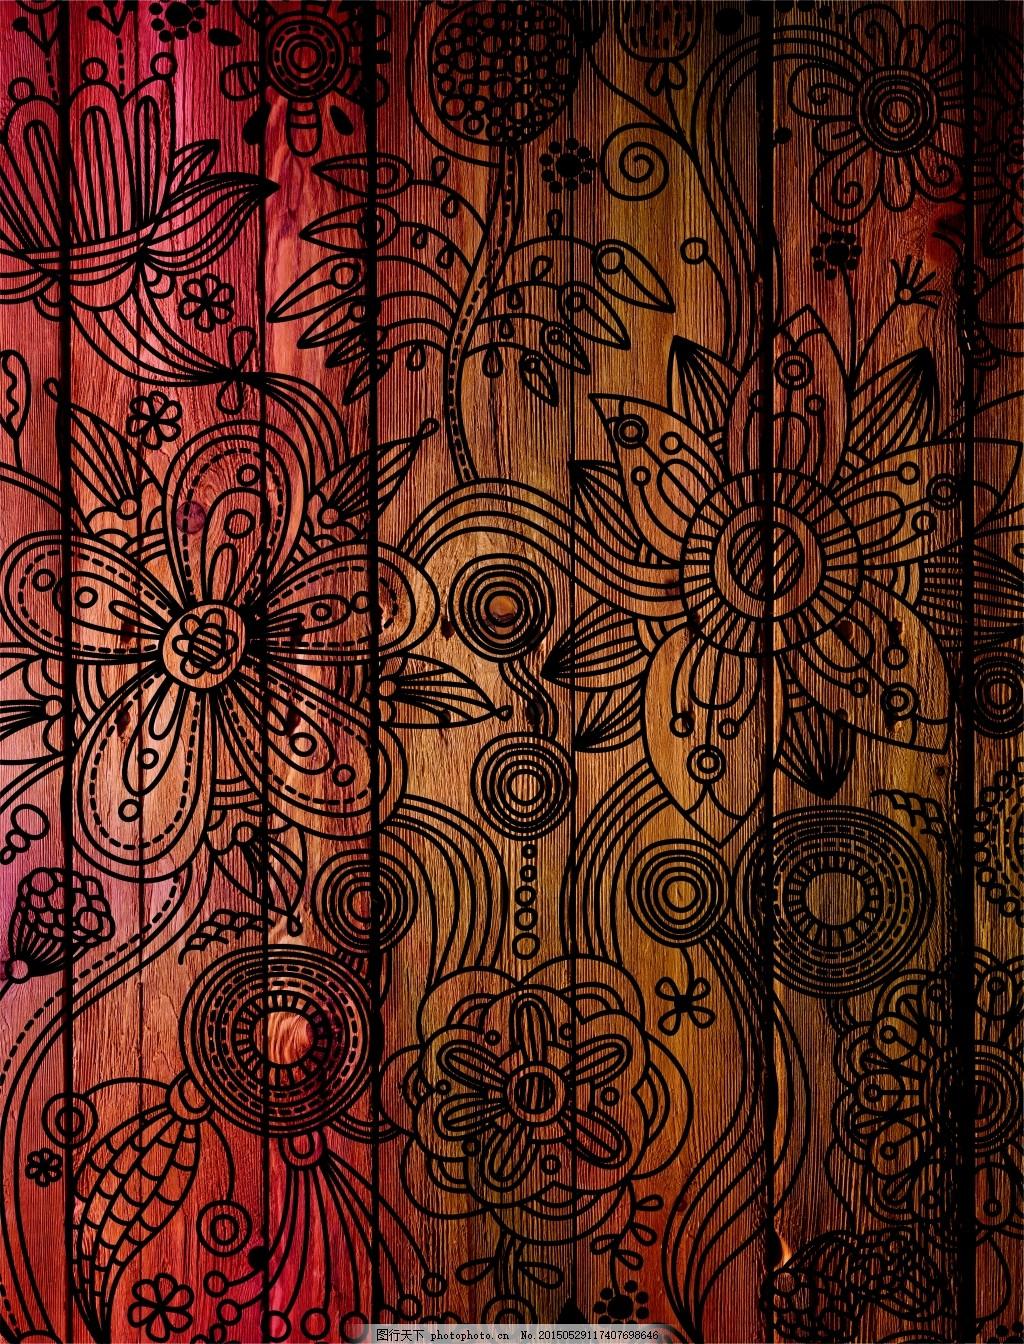 线描花纹图案装饰高清摄影 摄影      木纹 木板 木质 材质 贴图 复古